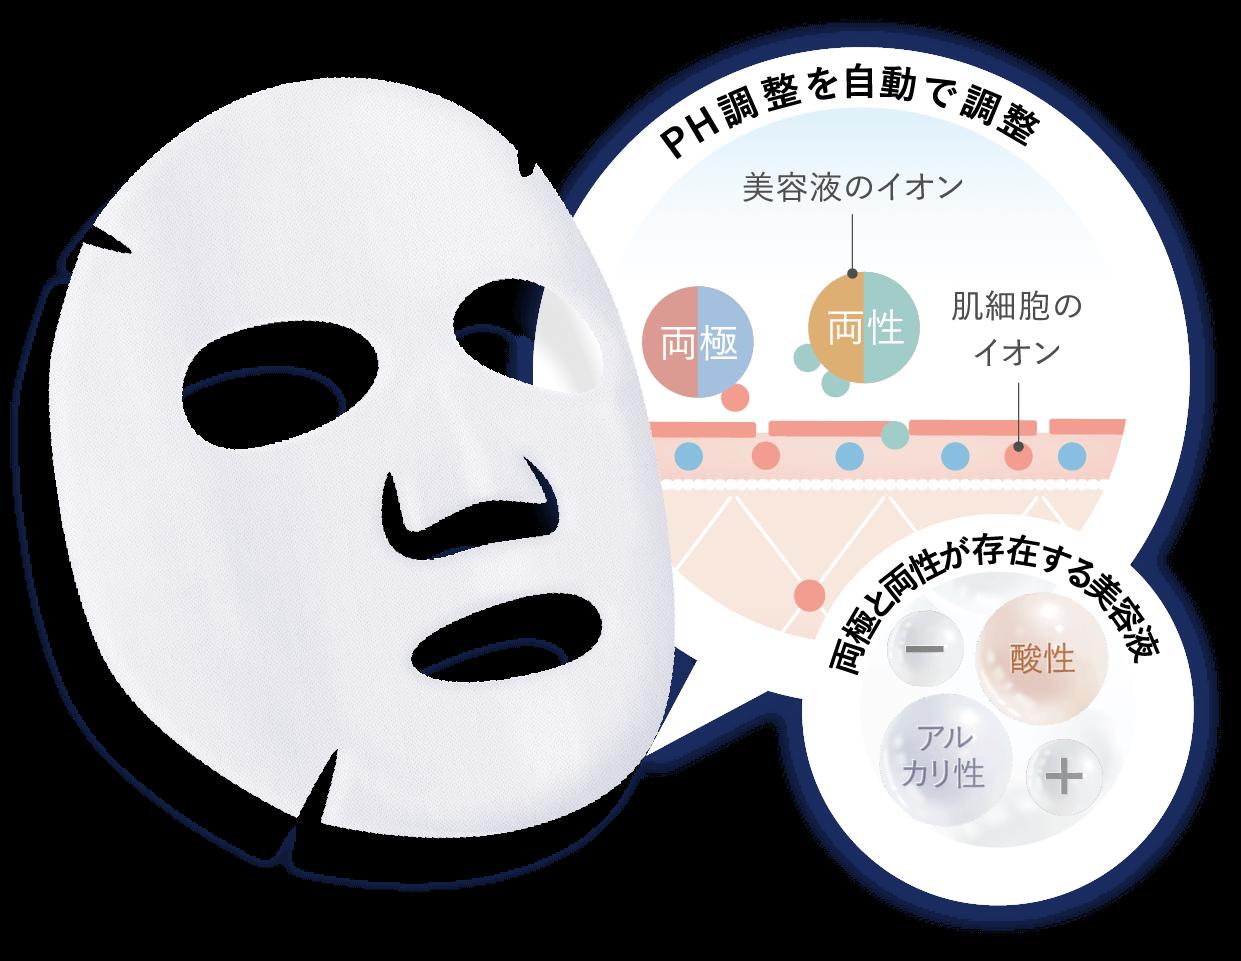 思わず二度見するほどに 10分で肌印象を激変させる 整形美容マスク